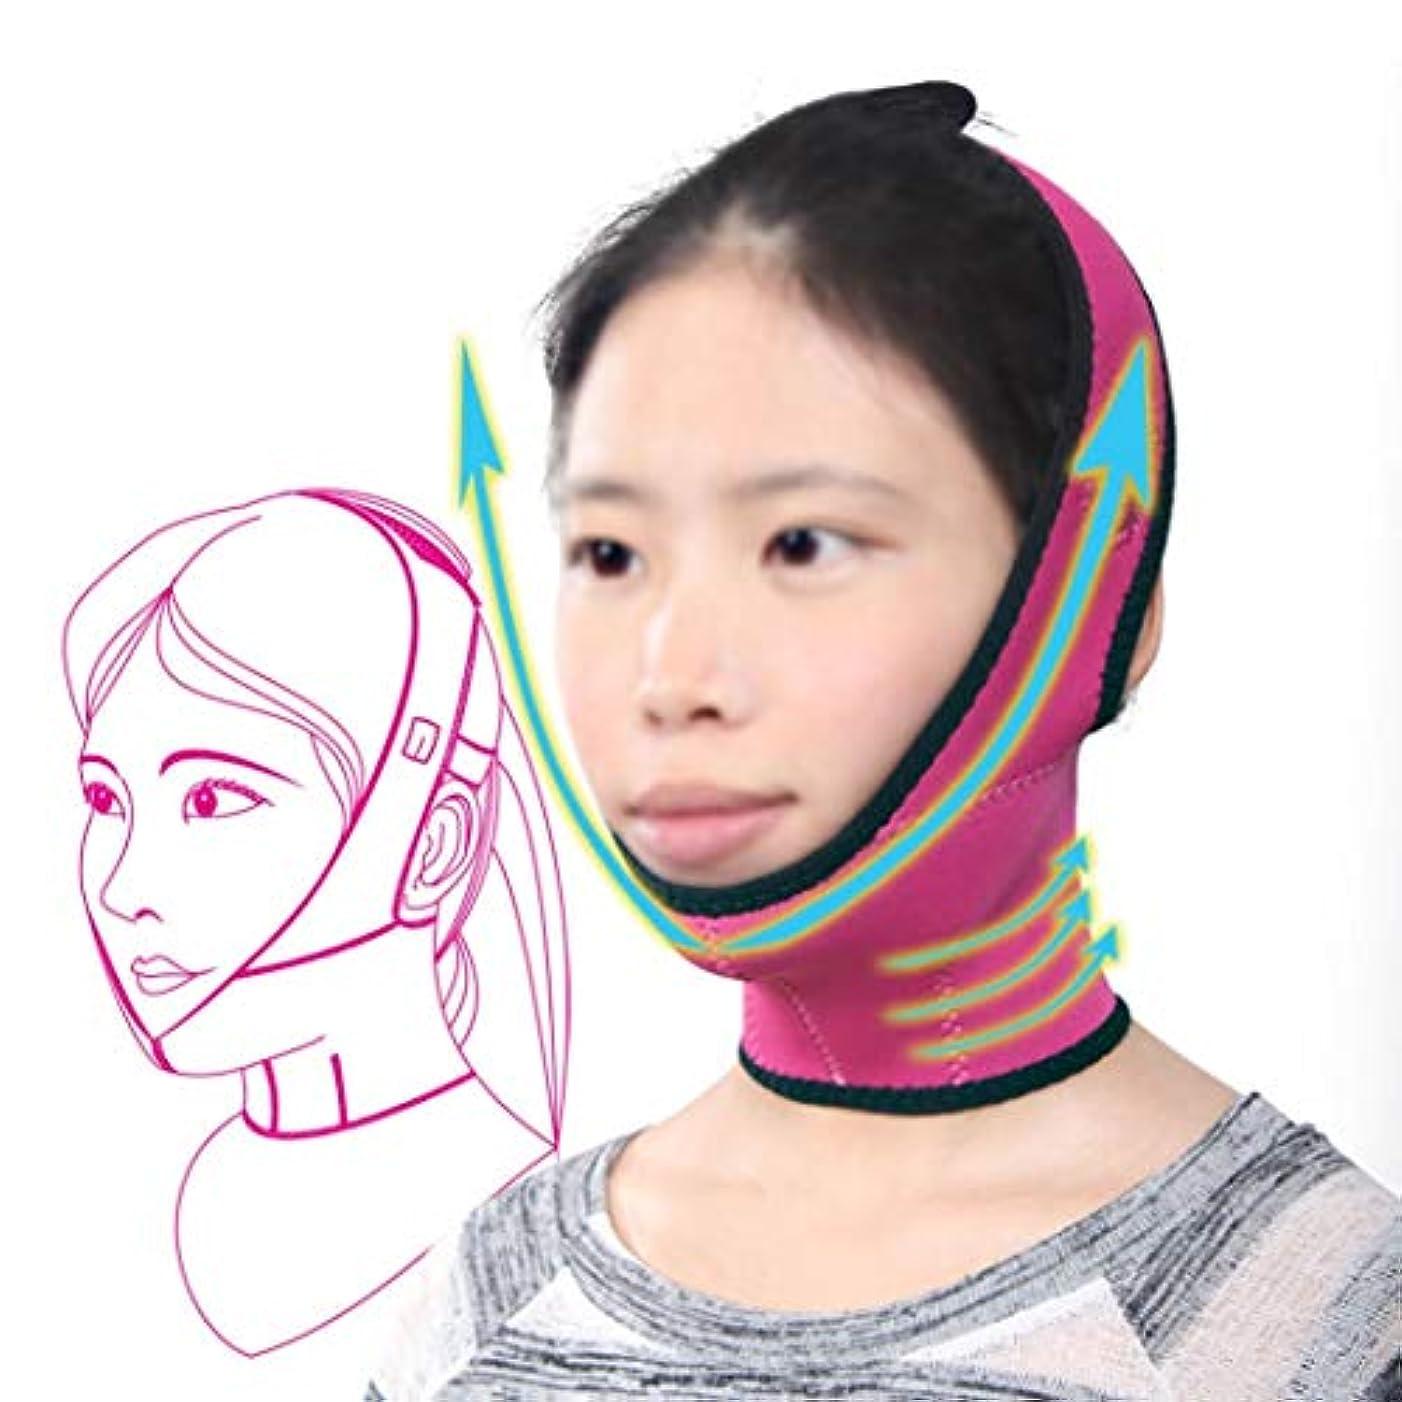 周りニッケル早いXHLMRMJ フェイスリフトマスク、痩身ベルトフェイスマスク強力なリフティング小さなV顔薄い顔包帯美容フェイスリフティング顔小さな顔薄い顔マスク